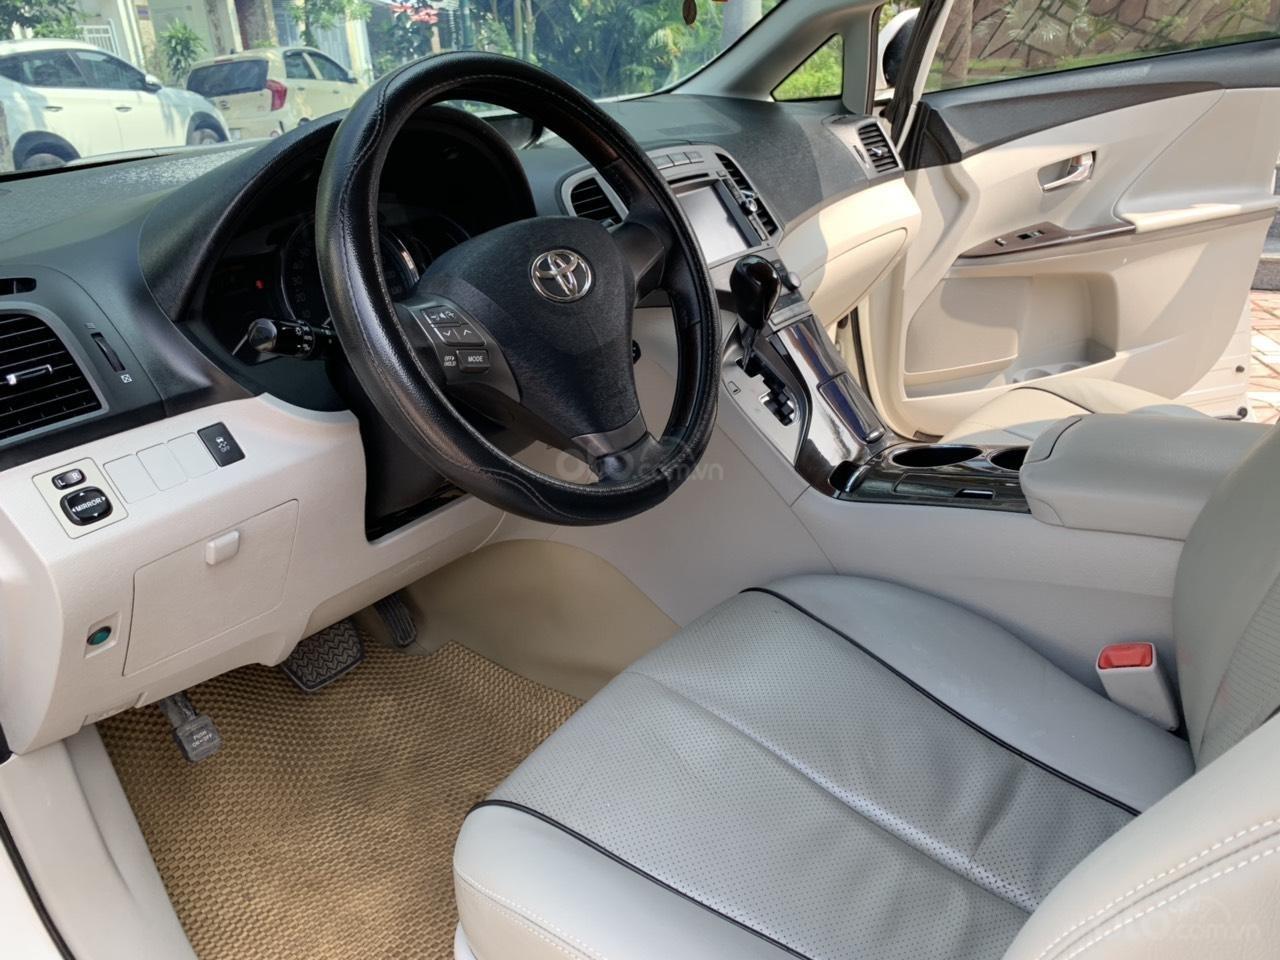 Cần bán Toyota Venza đời 2009, màu trắng, giá tốt (6)